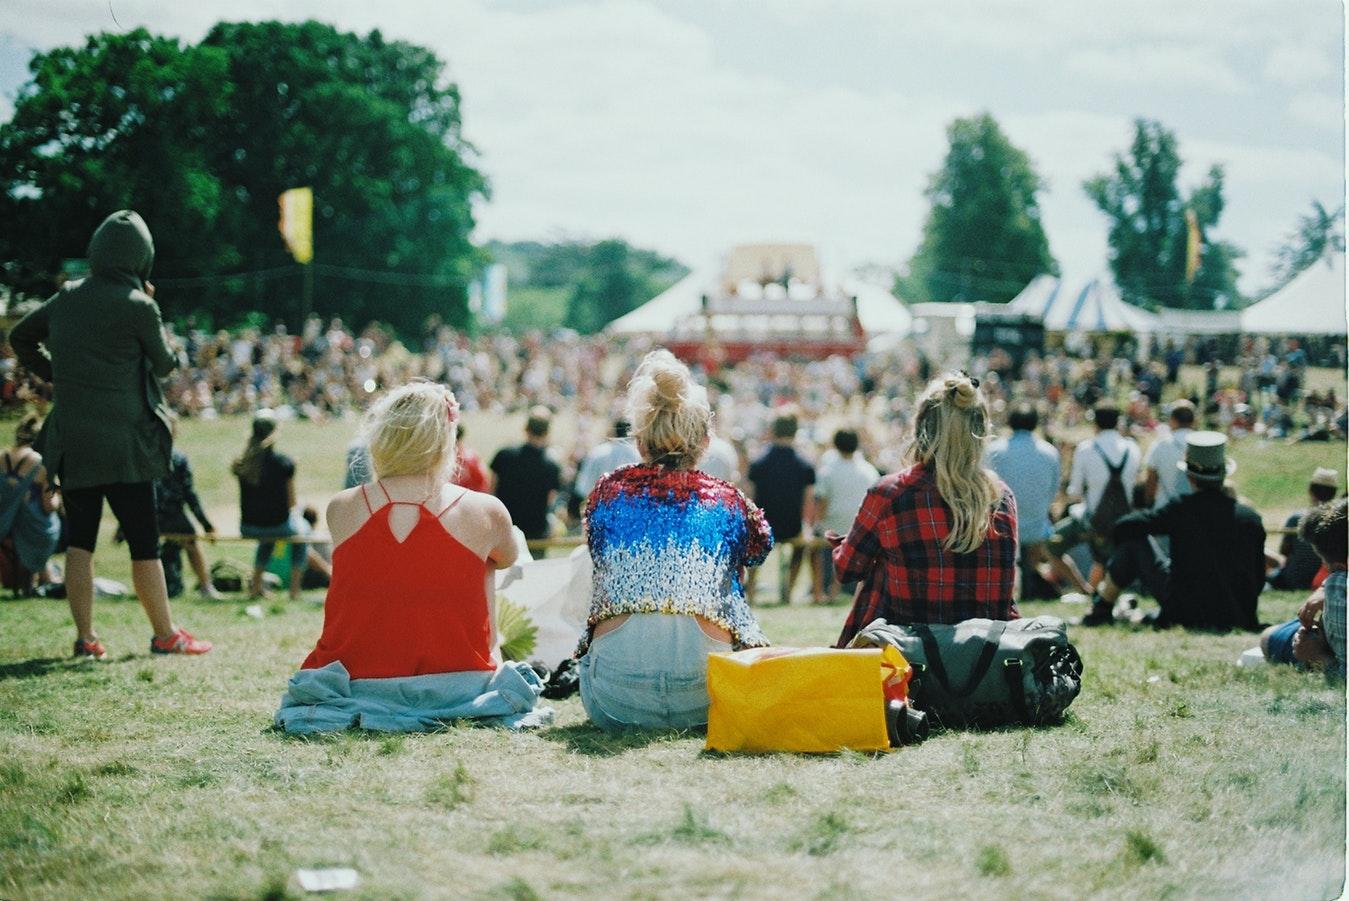 Festivales de música: Te decimos qué 'drink' va mejor contigo, de acuerdo a tu personalidad